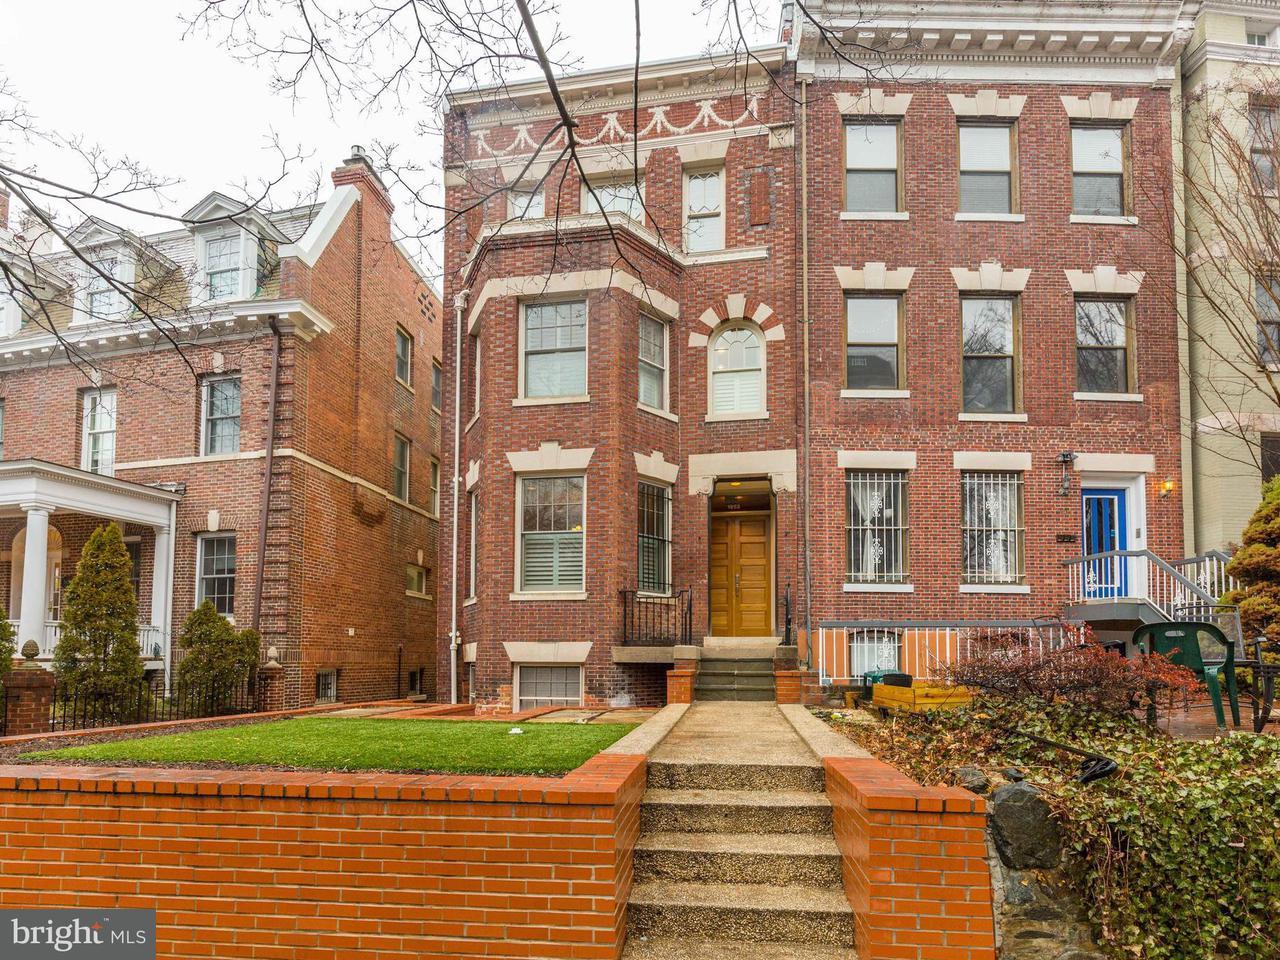 多戶家庭房屋 為 出售 在 1953 Biltmore St Nw 1953 Biltmore St Nw Washington, 哥倫比亞特區 20009 美國